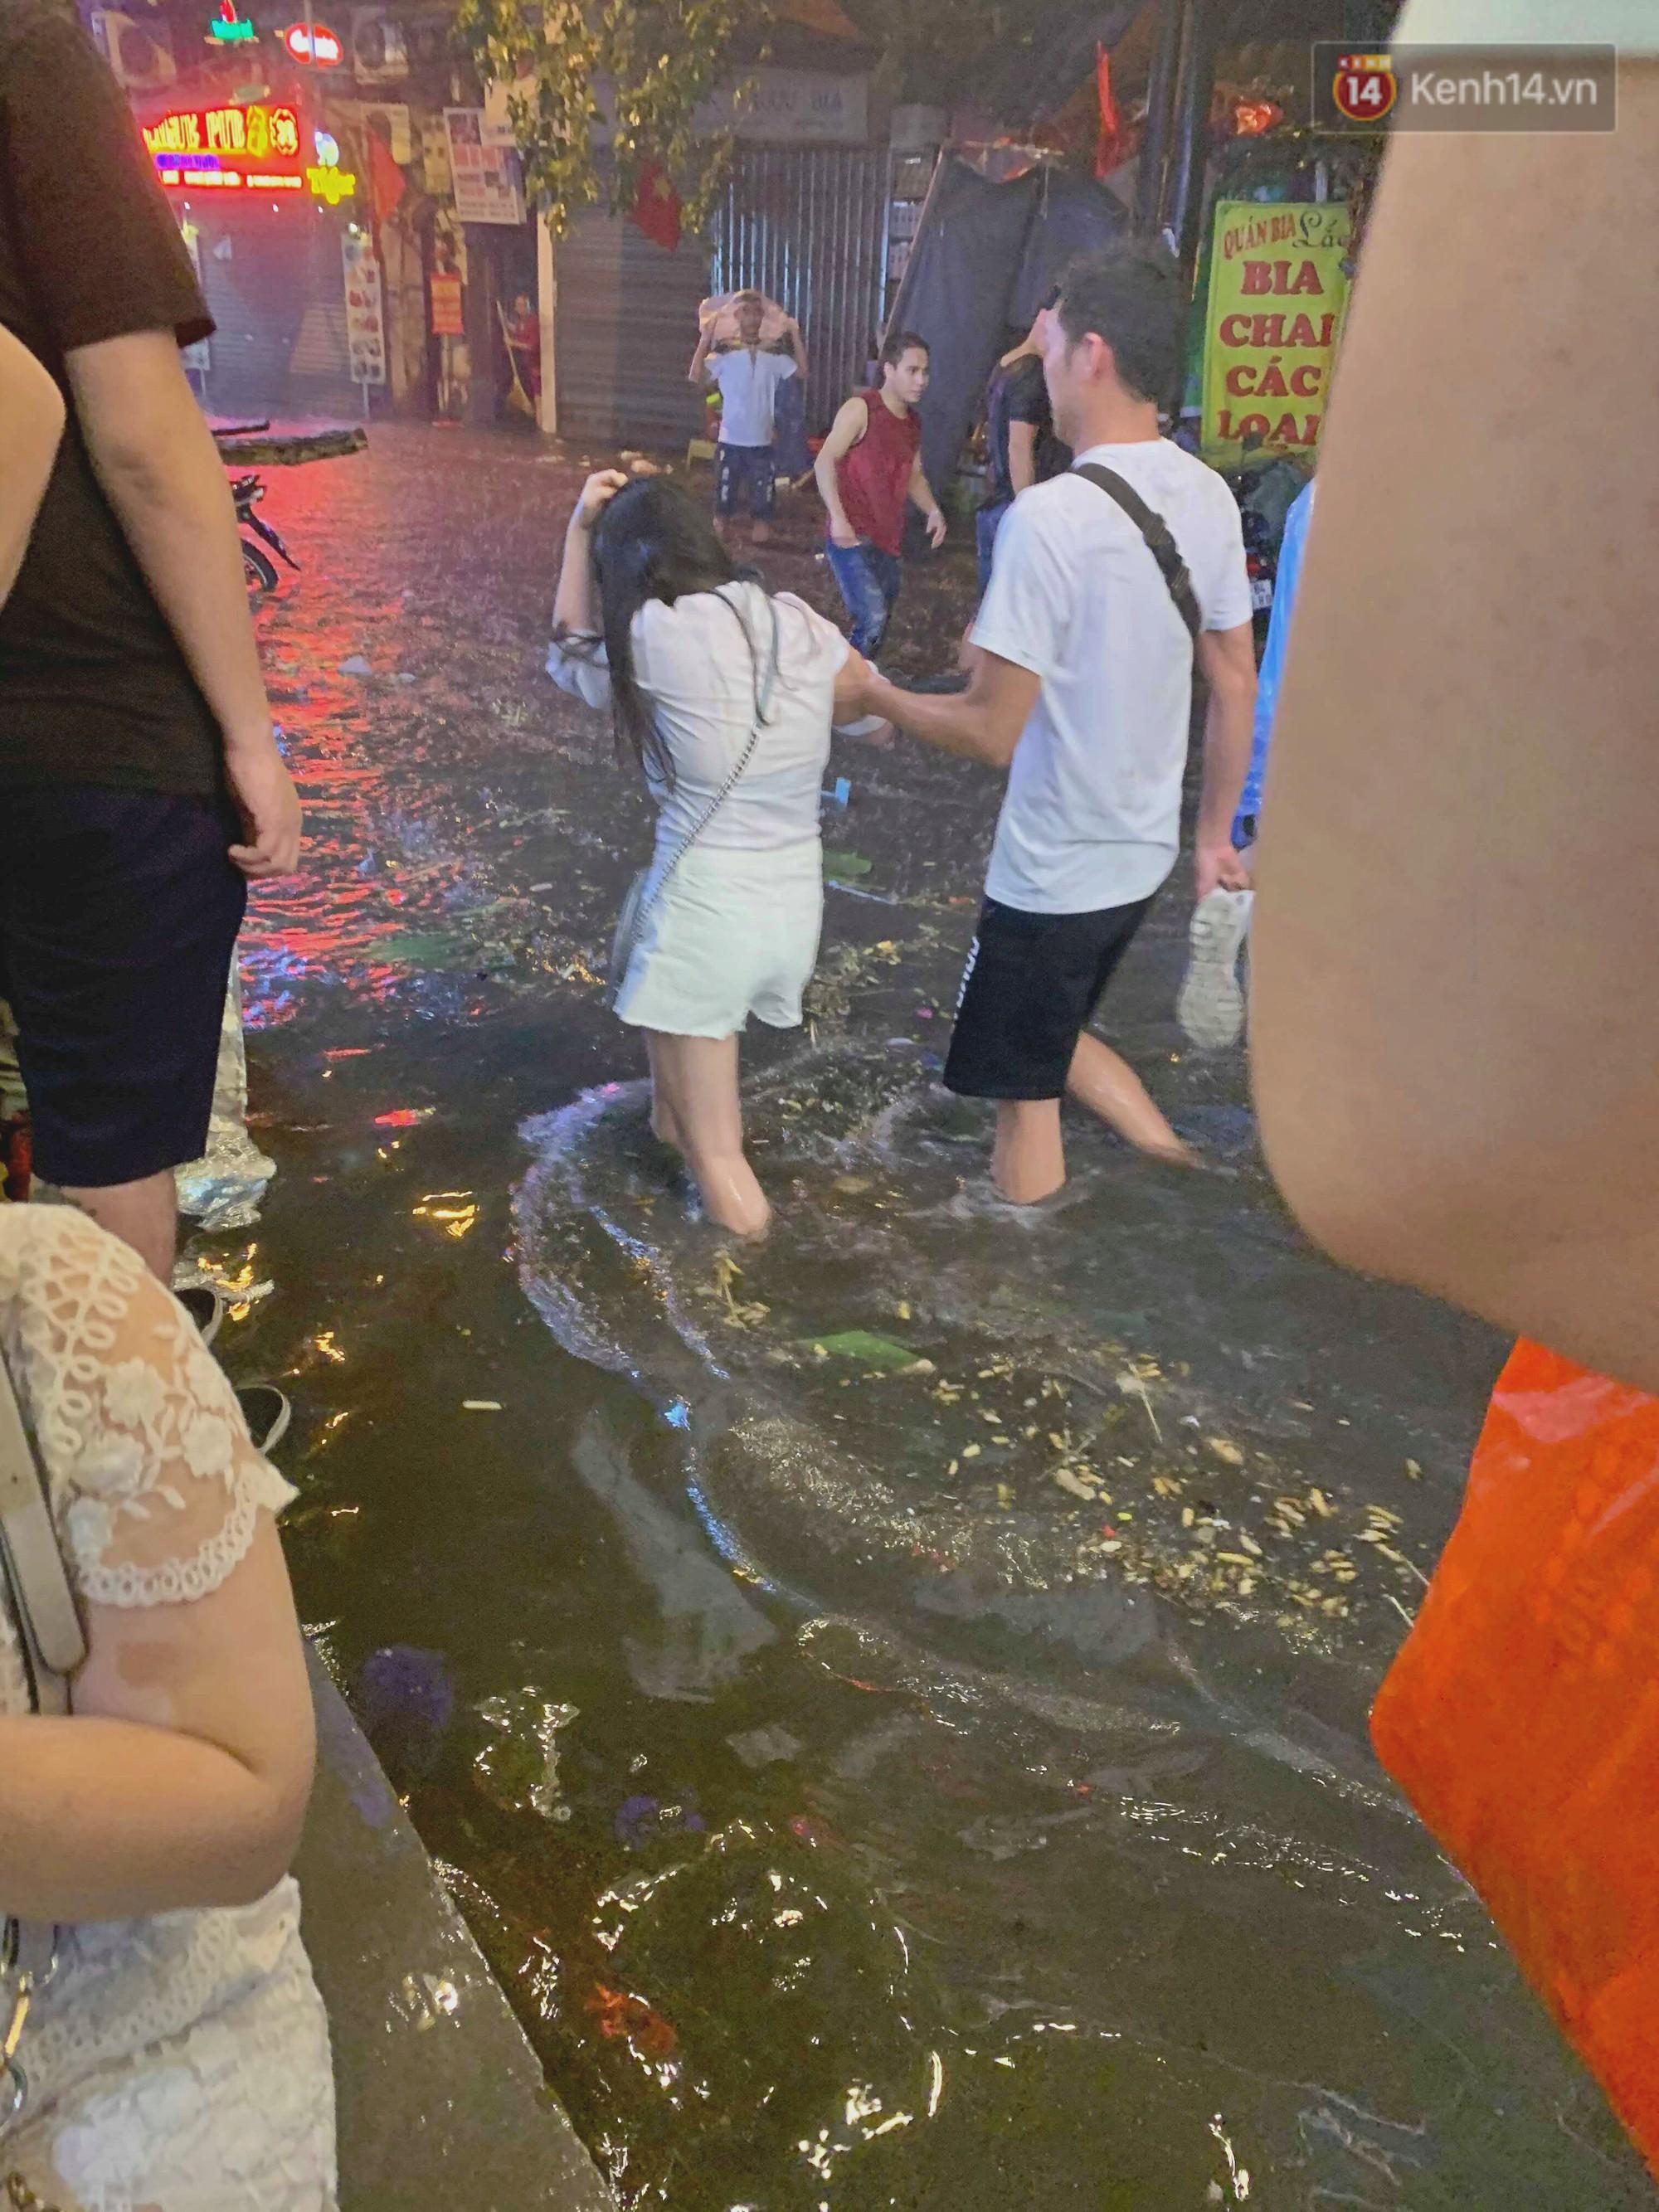 Hà Nội đón trận mưa lớn bất ngờ sau chuỗi ngày oi bức đến ngộp thở, một số tuyến đường bắt đầu ngập úng - Ảnh 5.